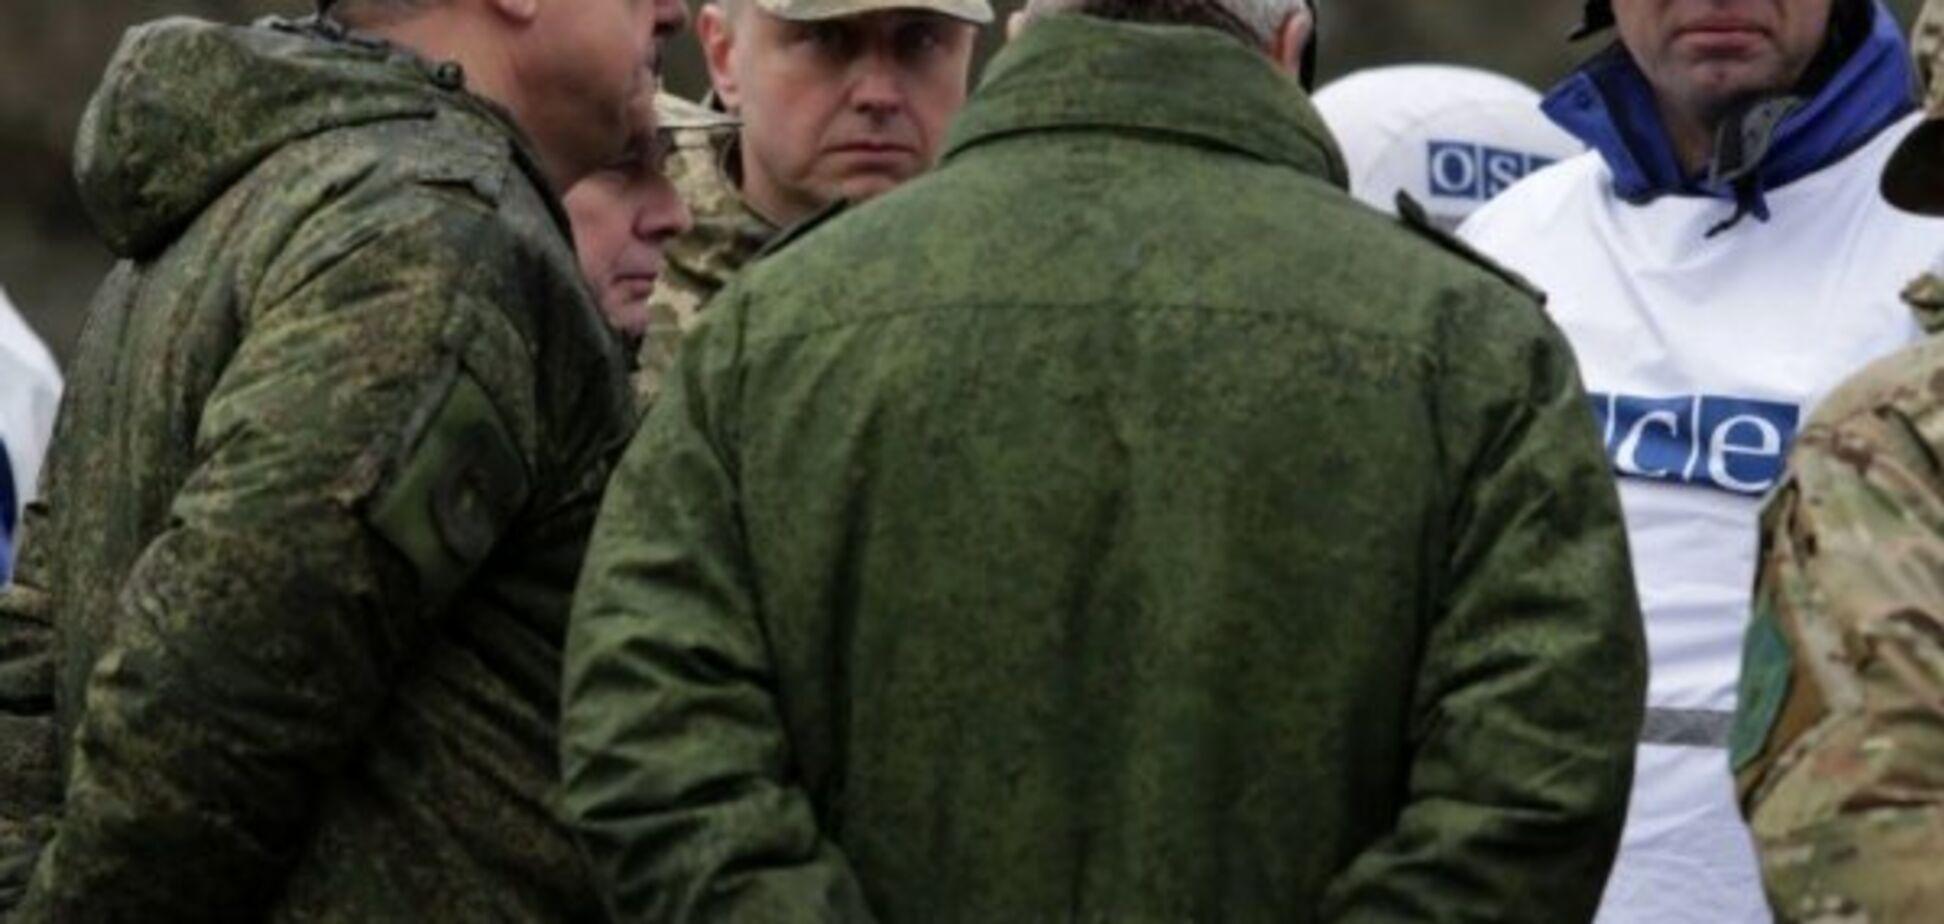 Демарш росіян на Донбасі: у Кабміні розповіли, що чекає спостерігачів у ОРДЛО